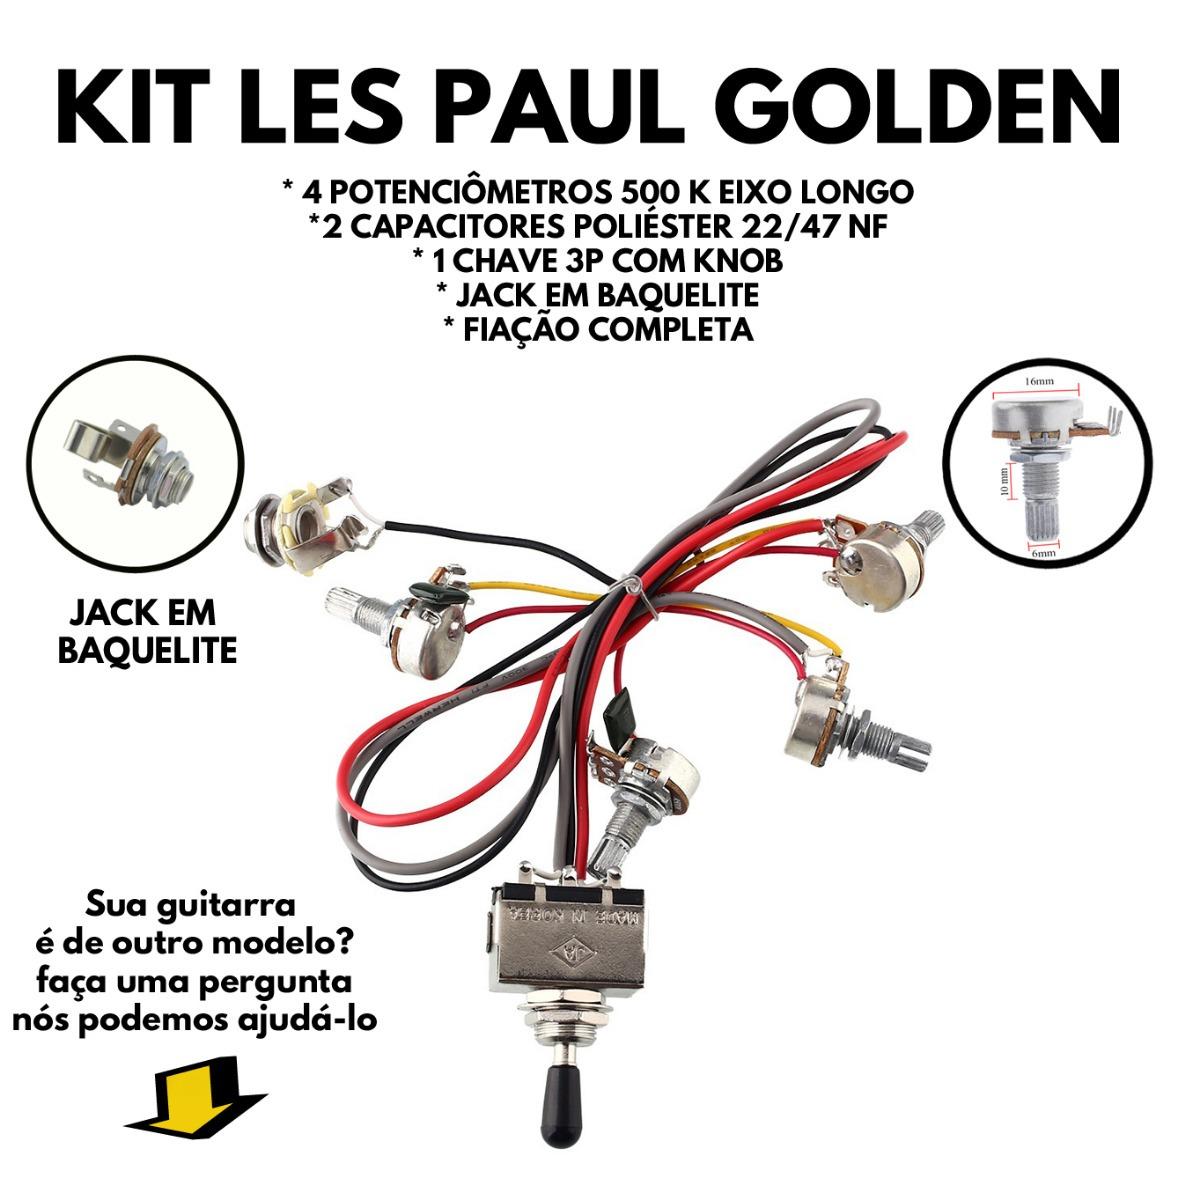 Circuito Eletrico : Circuito eletrico les paul golden todos modelos r em